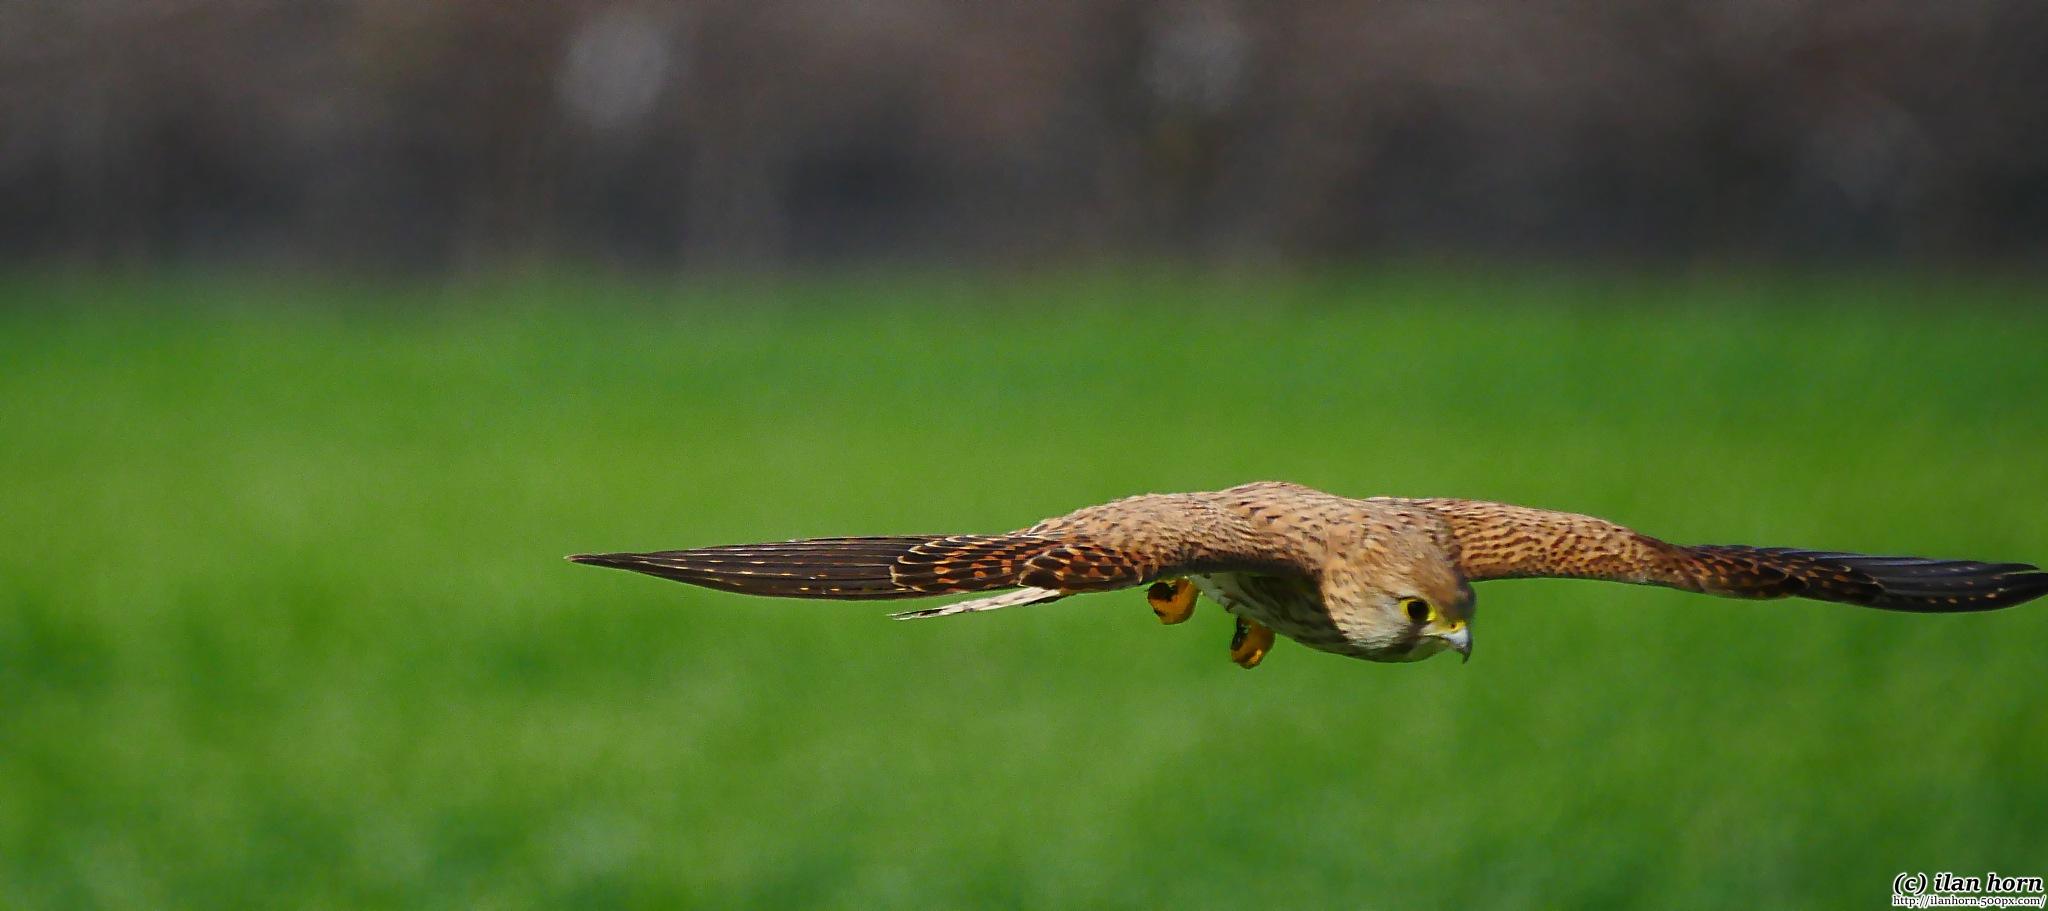 Kestrel in flight by ilanhorn